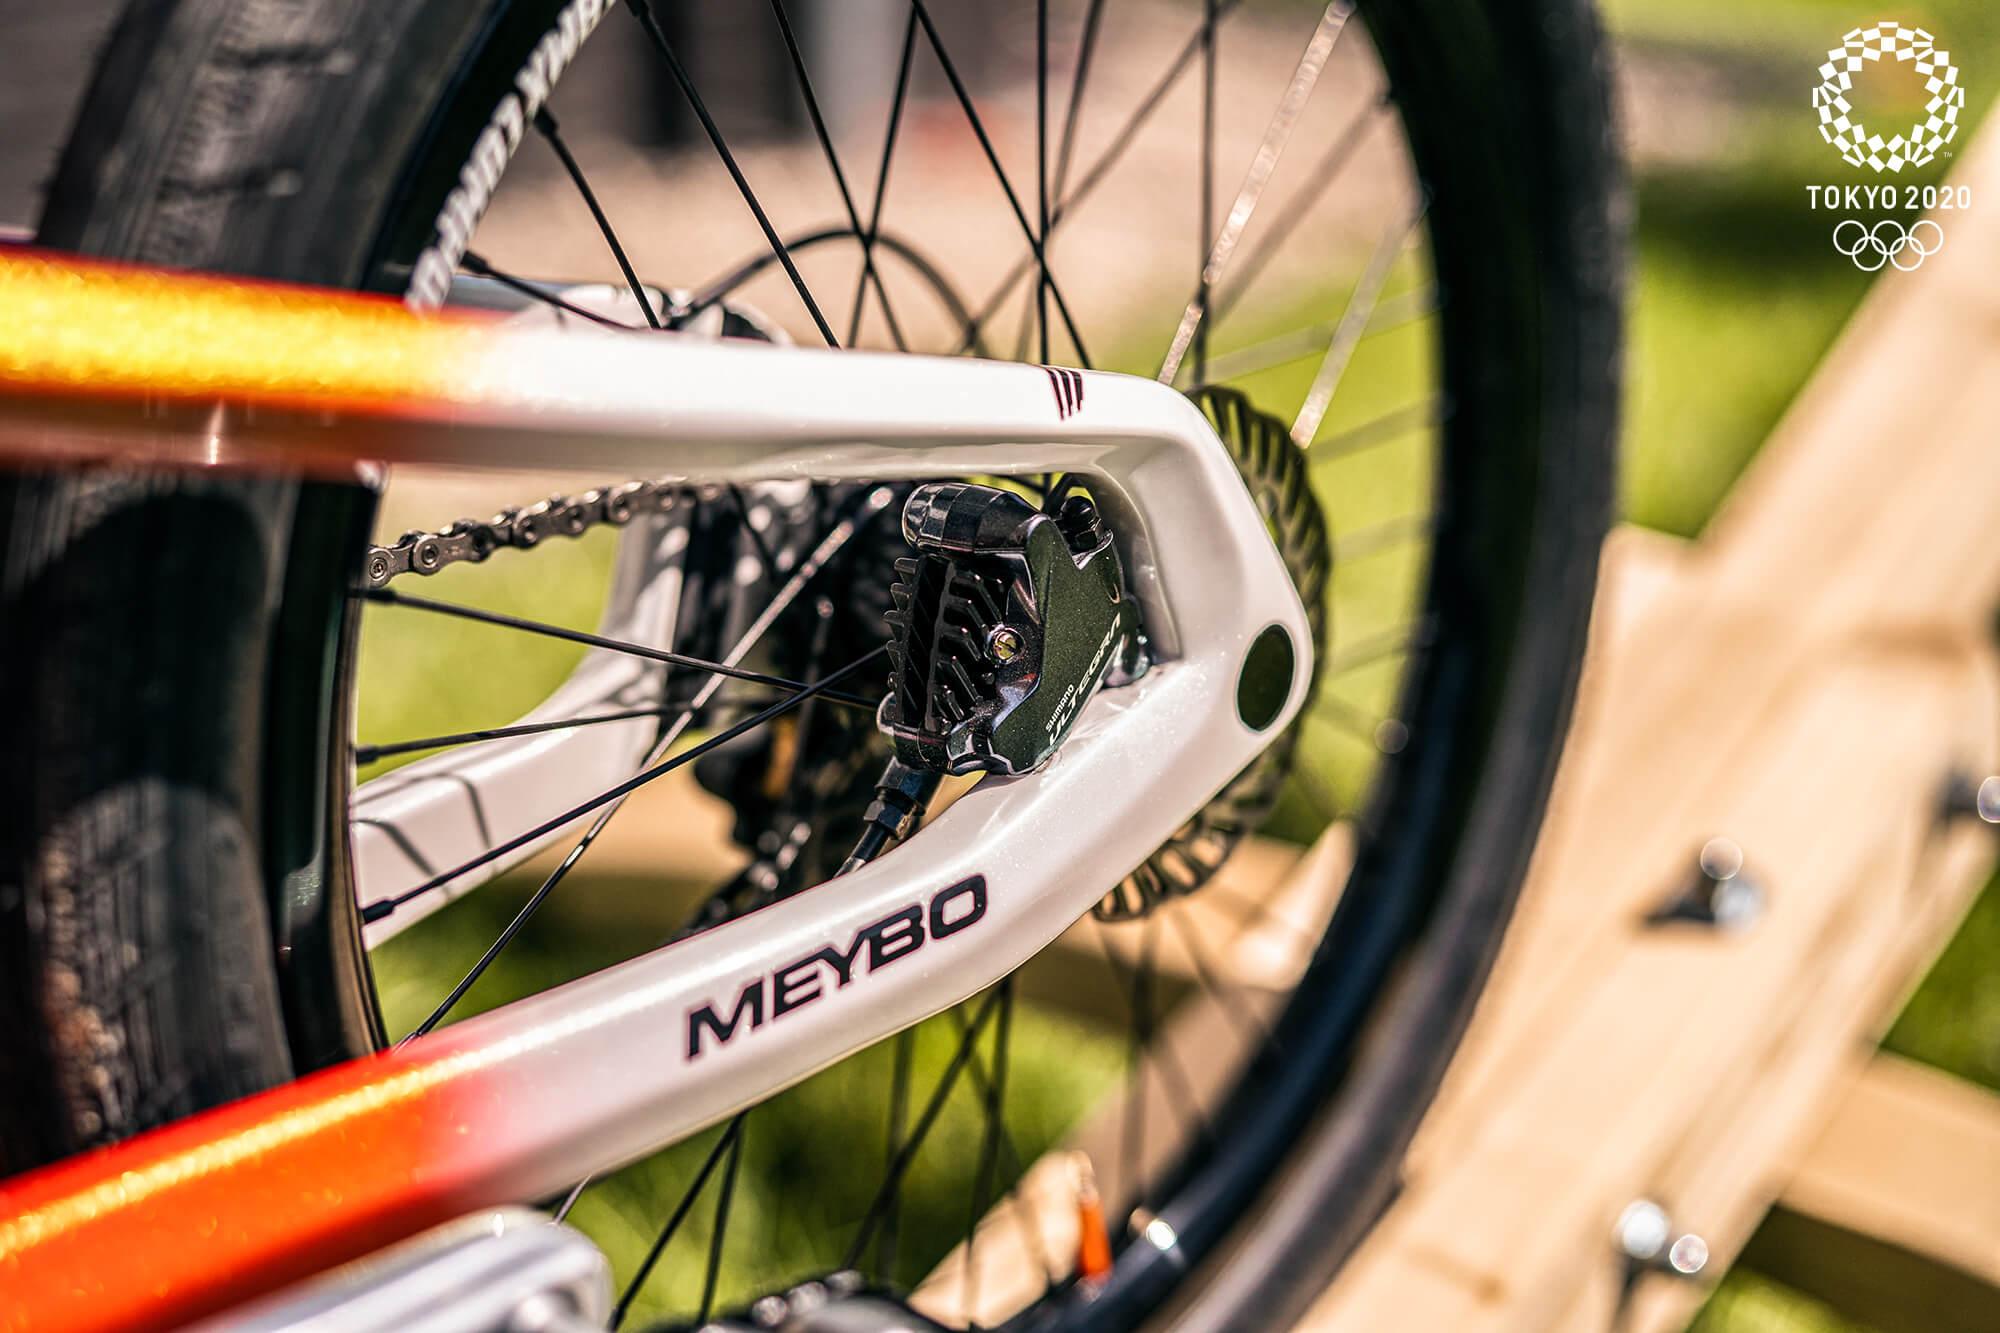 Twan van Gendt Tokyo 2020 Olympic Bike